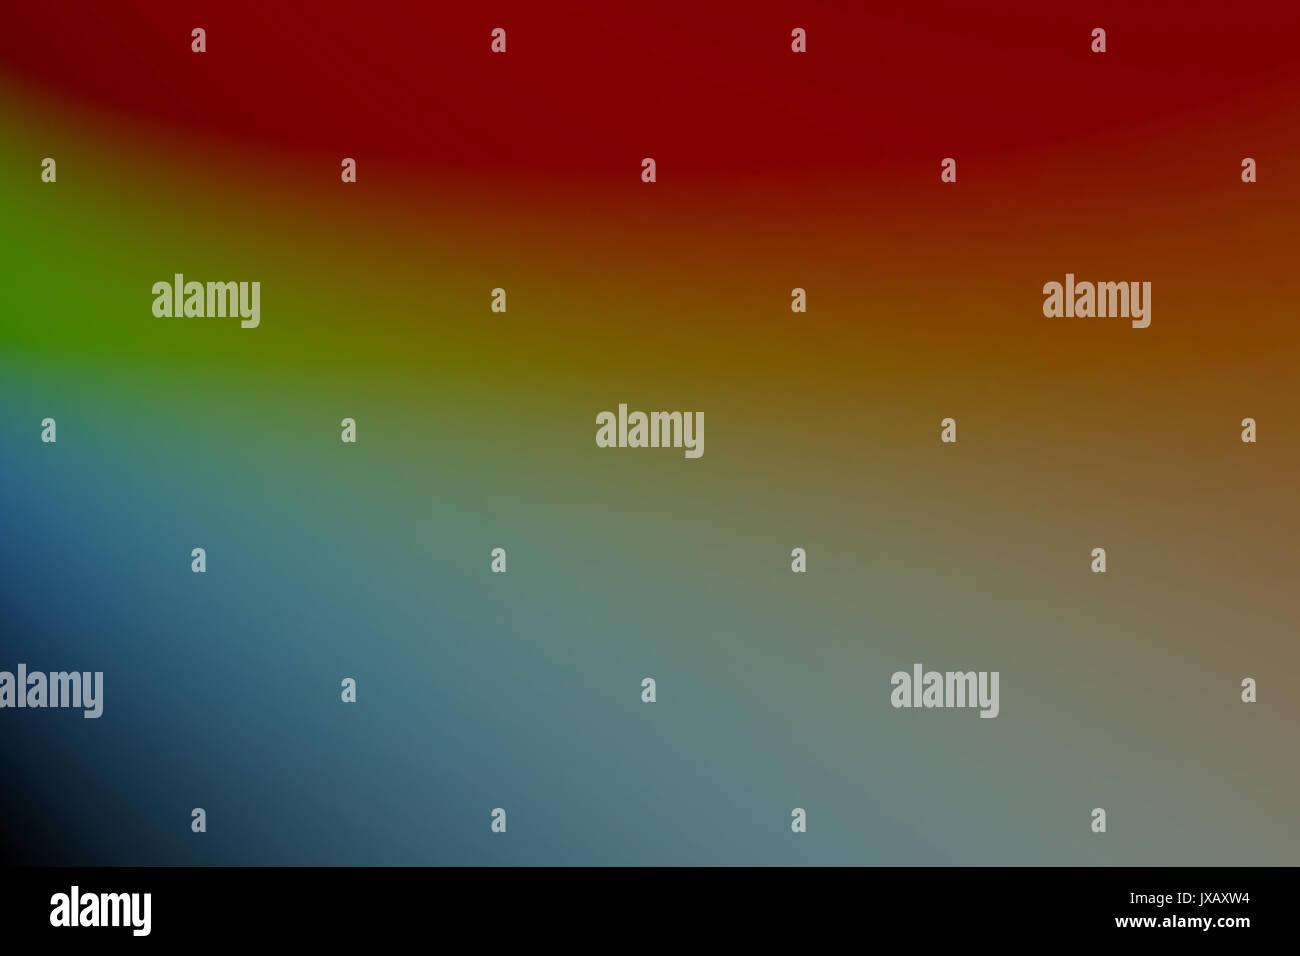 tone background from dark to light,indigo background - Stock Image